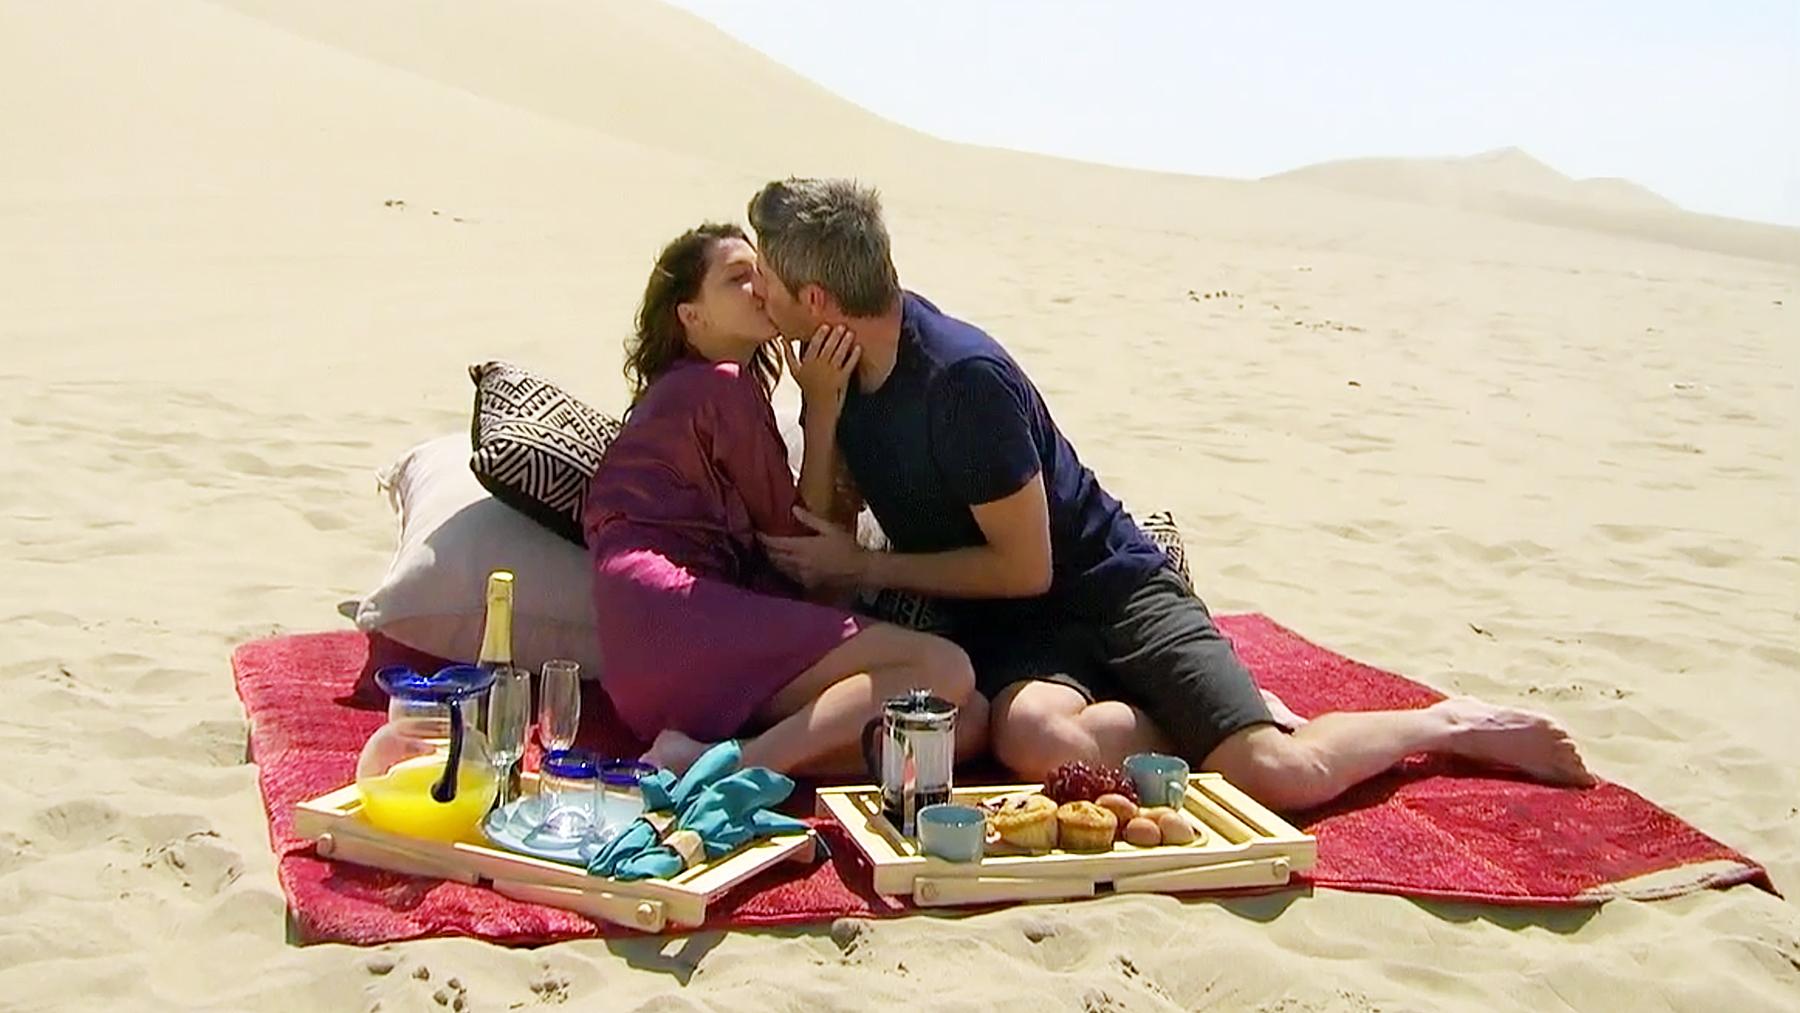 Arie Luyendyk Jr Becca K kissing